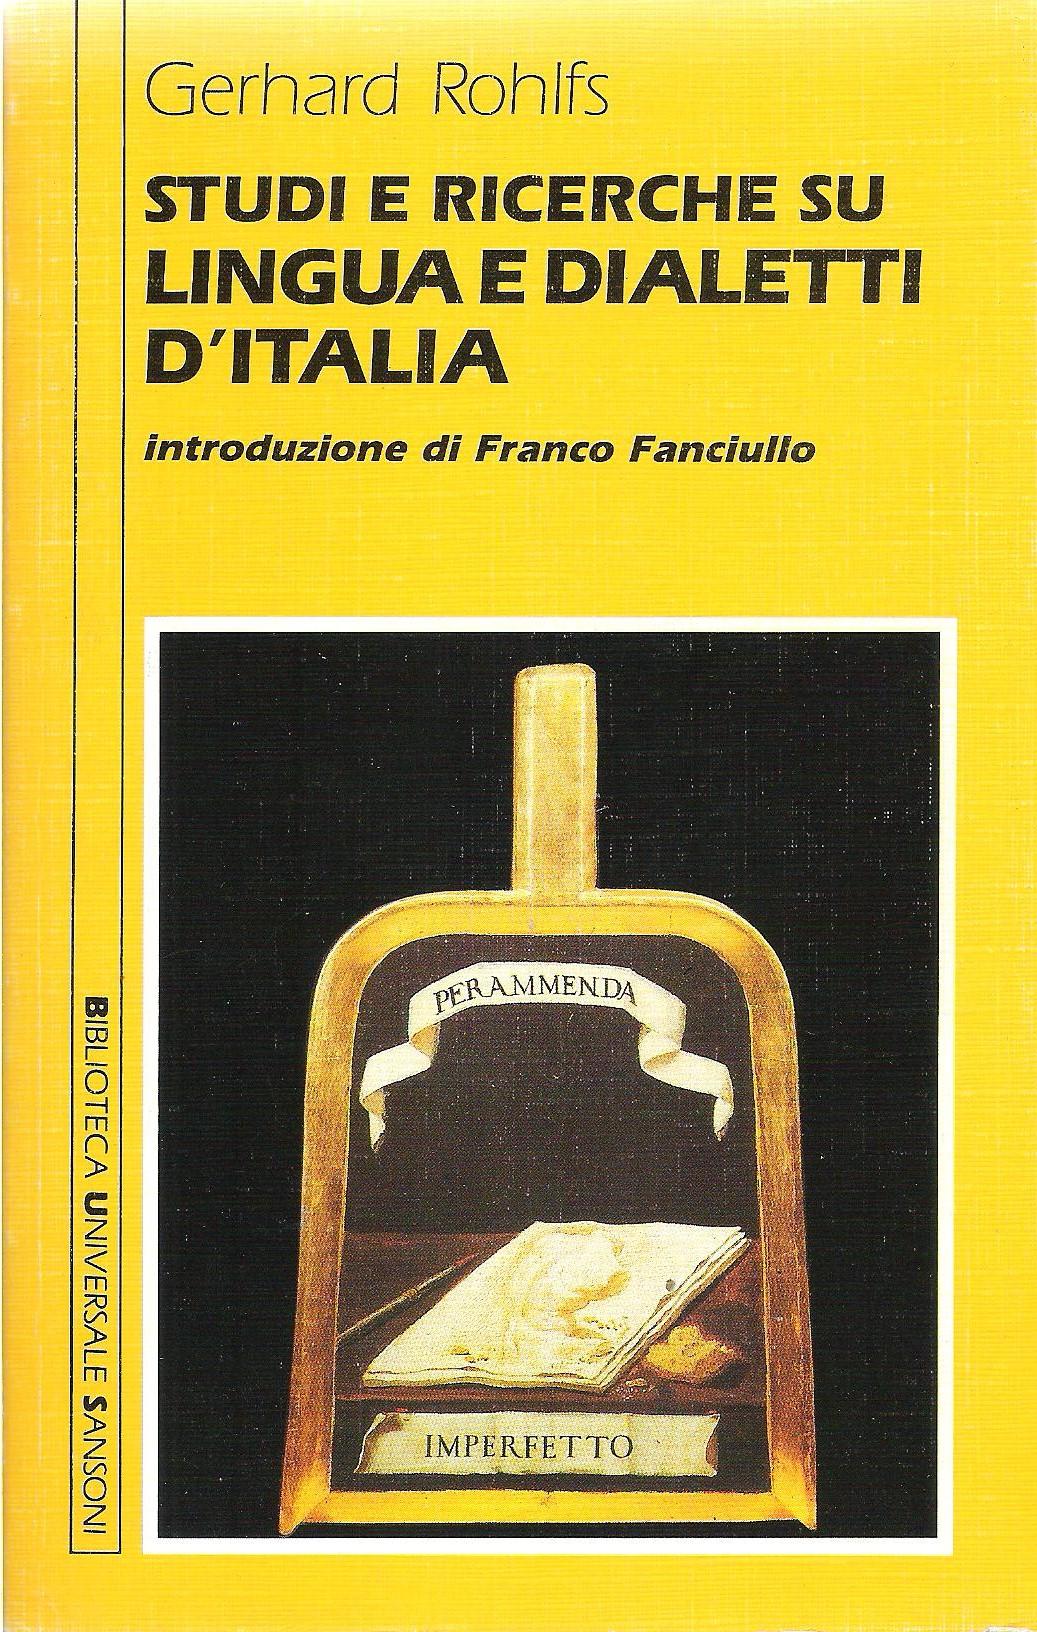 Studi e ricerche su lingua e dialetti d'Italia